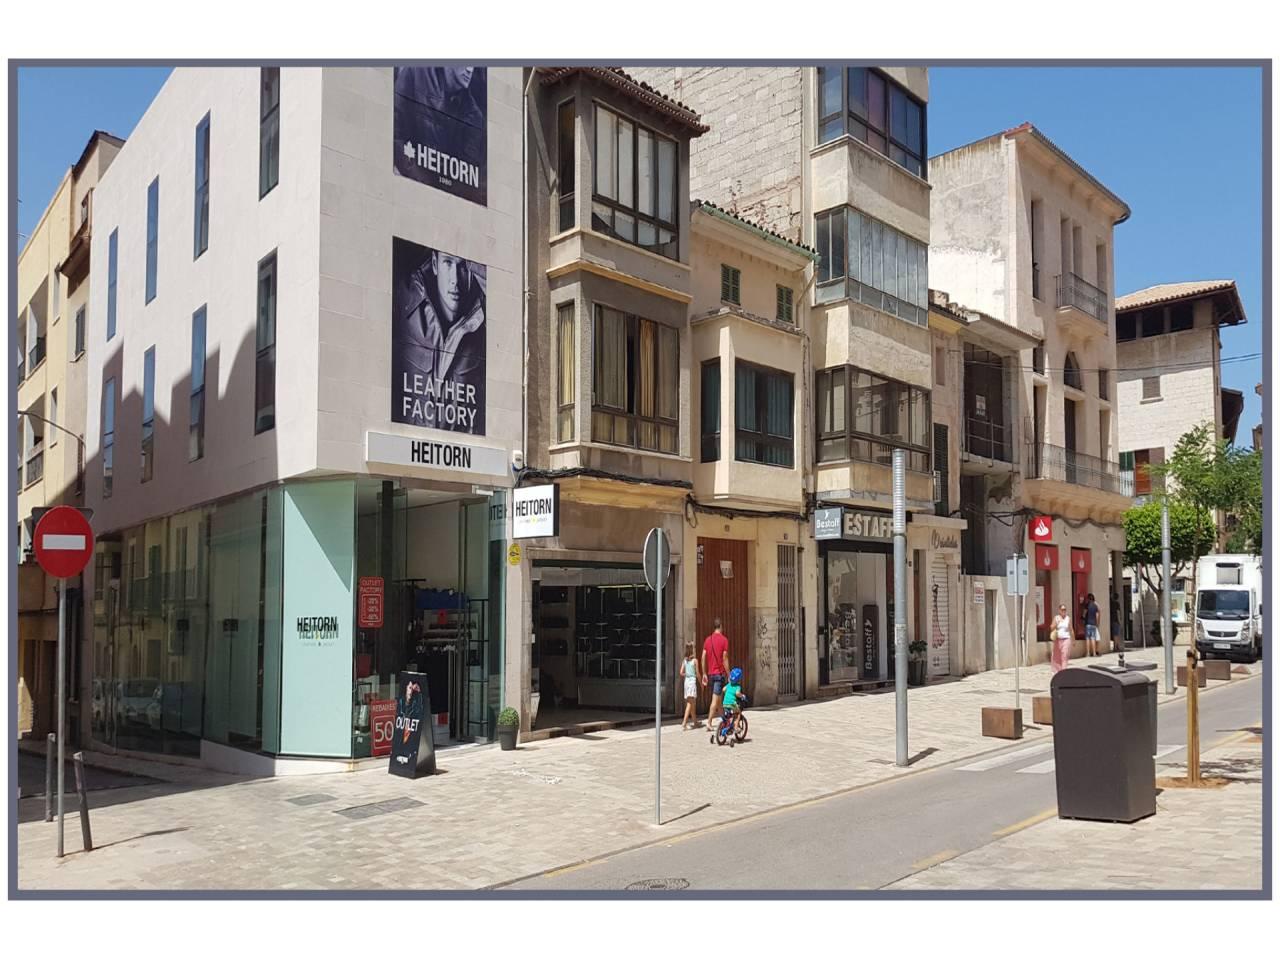 Rent Business premise  Calle jaume armengol, s/n. Se alquila local comercial situado en el centro de inca, en la c